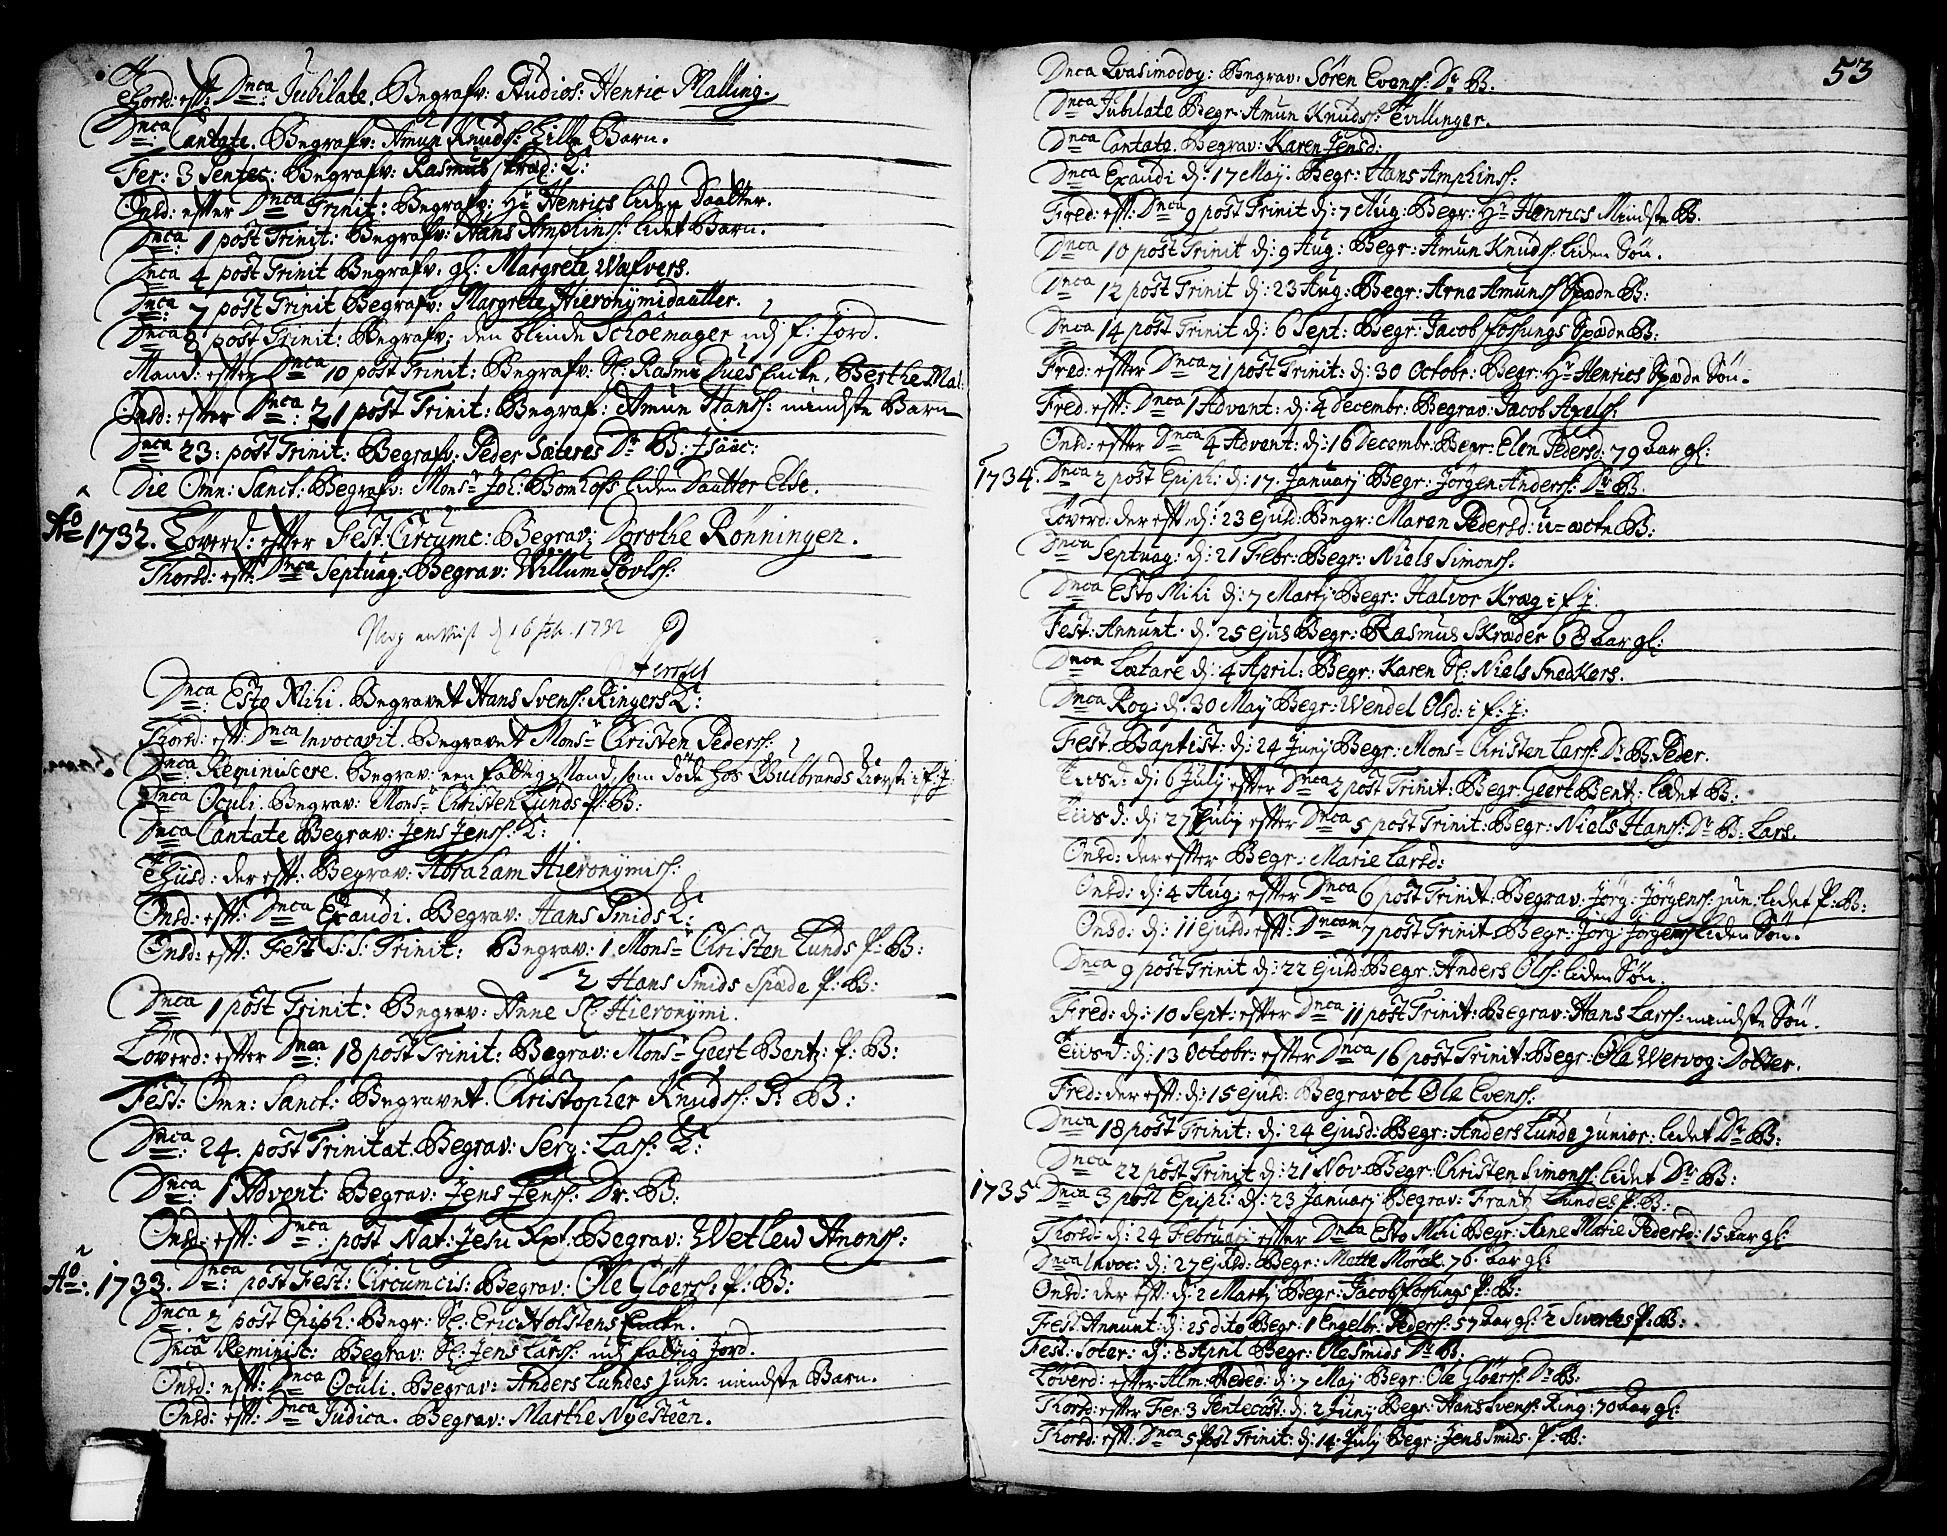 SAKO, Brevik kirkebøker, F/Fa/L0002: Ministerialbok nr. 2, 1720-1764, s. 53